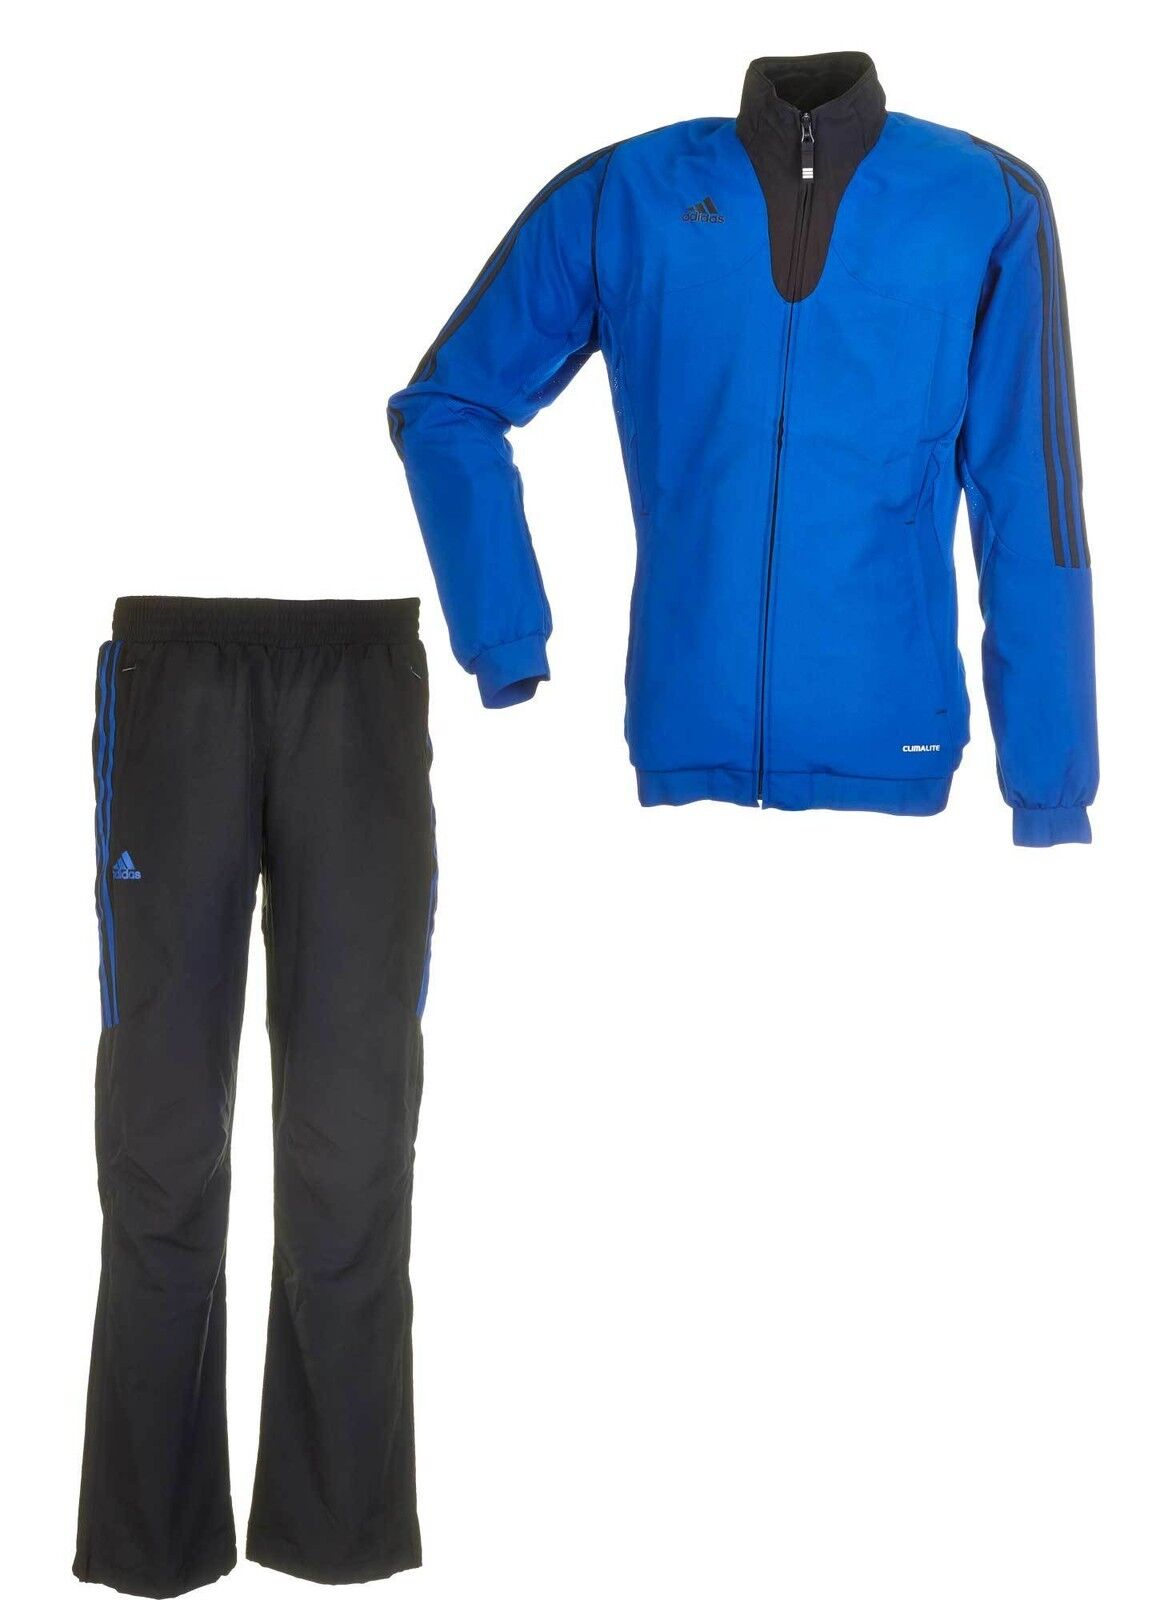 Adidas T12 Trainingsanzug für Herren, Größe S, Team Ware-Anzug, schwarz blau